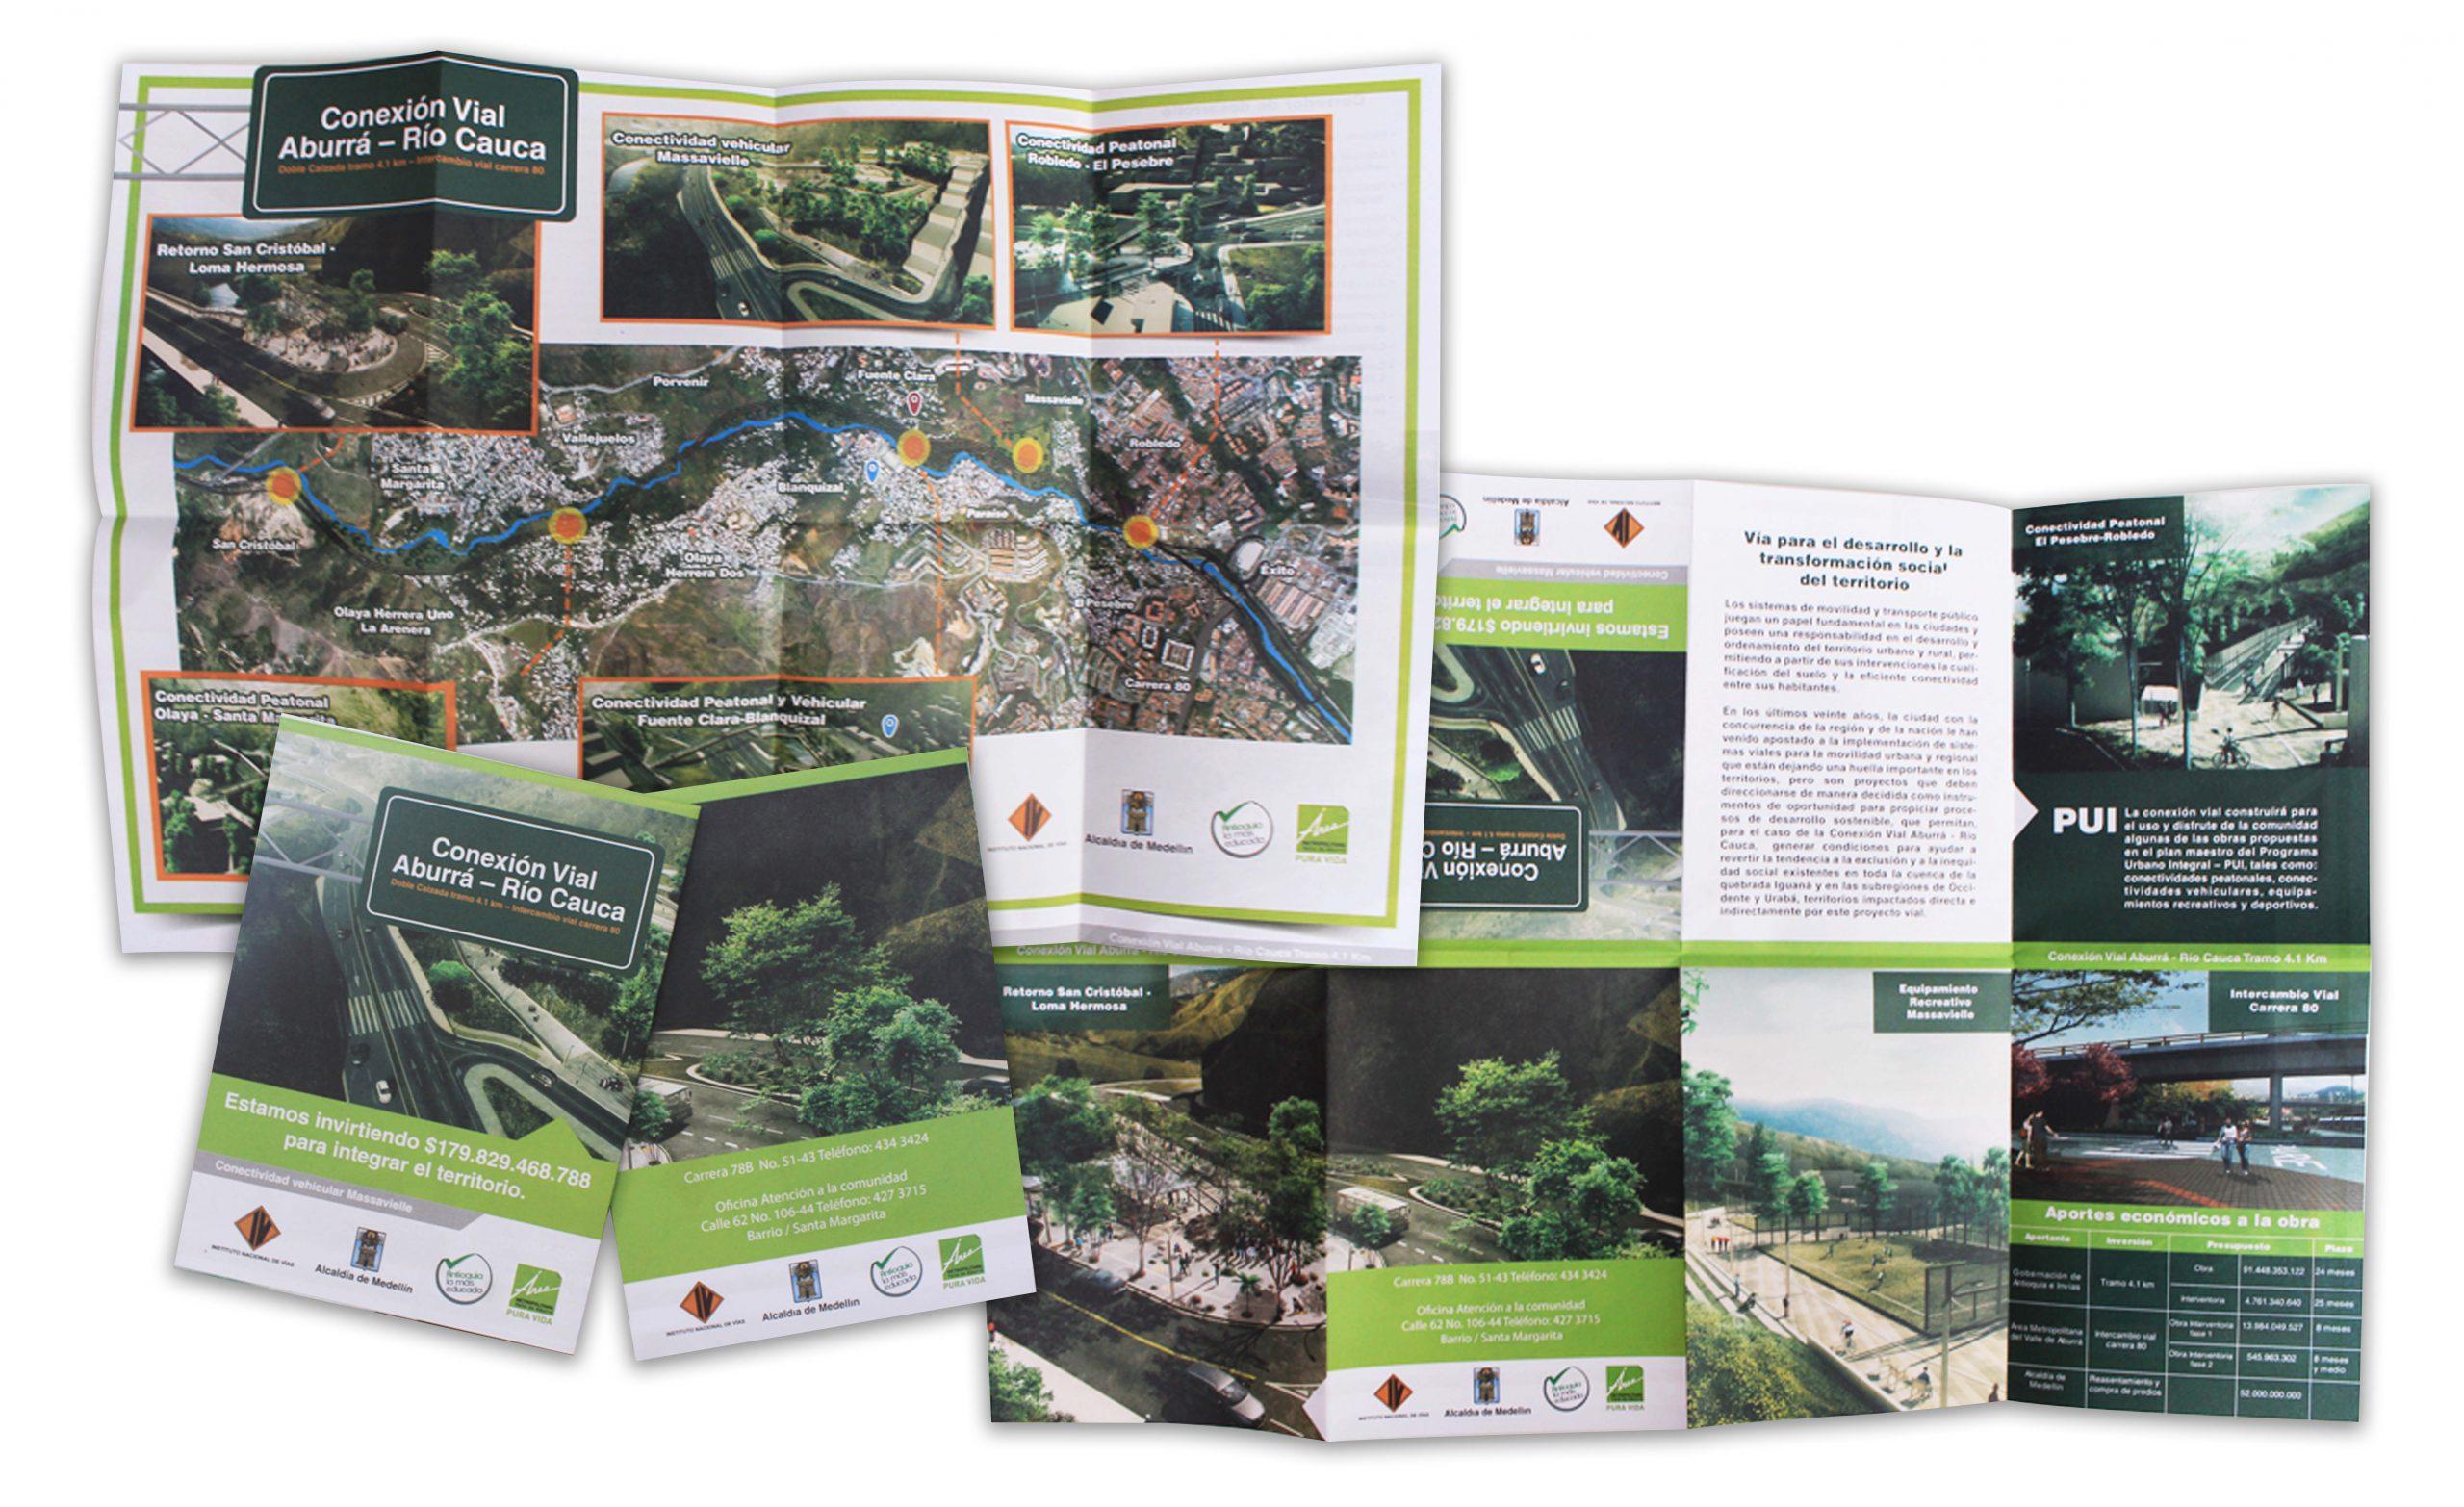 Campaign Design Conexíon Vial Aburrá – Río Cauca